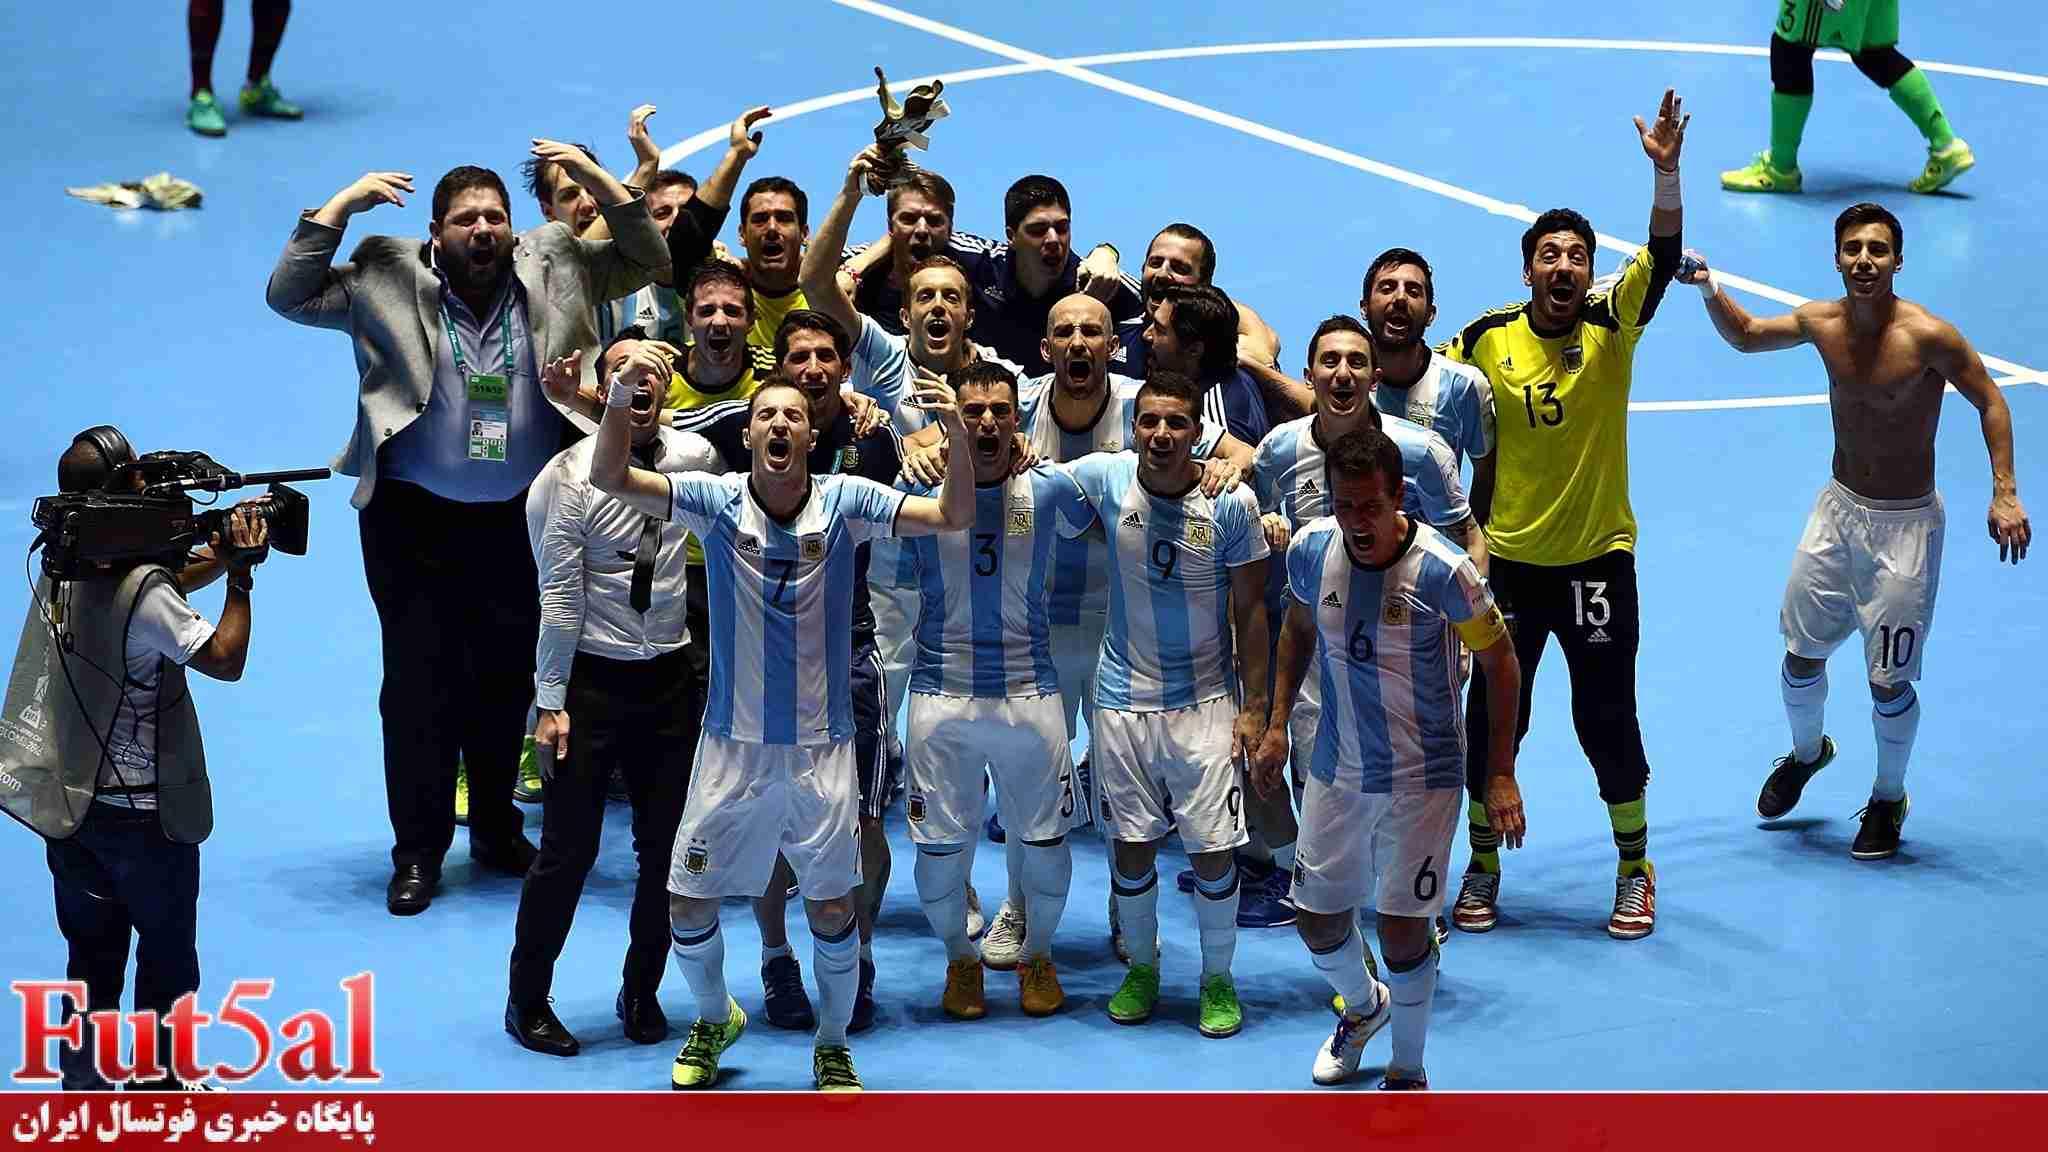 شرط قهرمان فوتسال جهان برای بازی با ایران